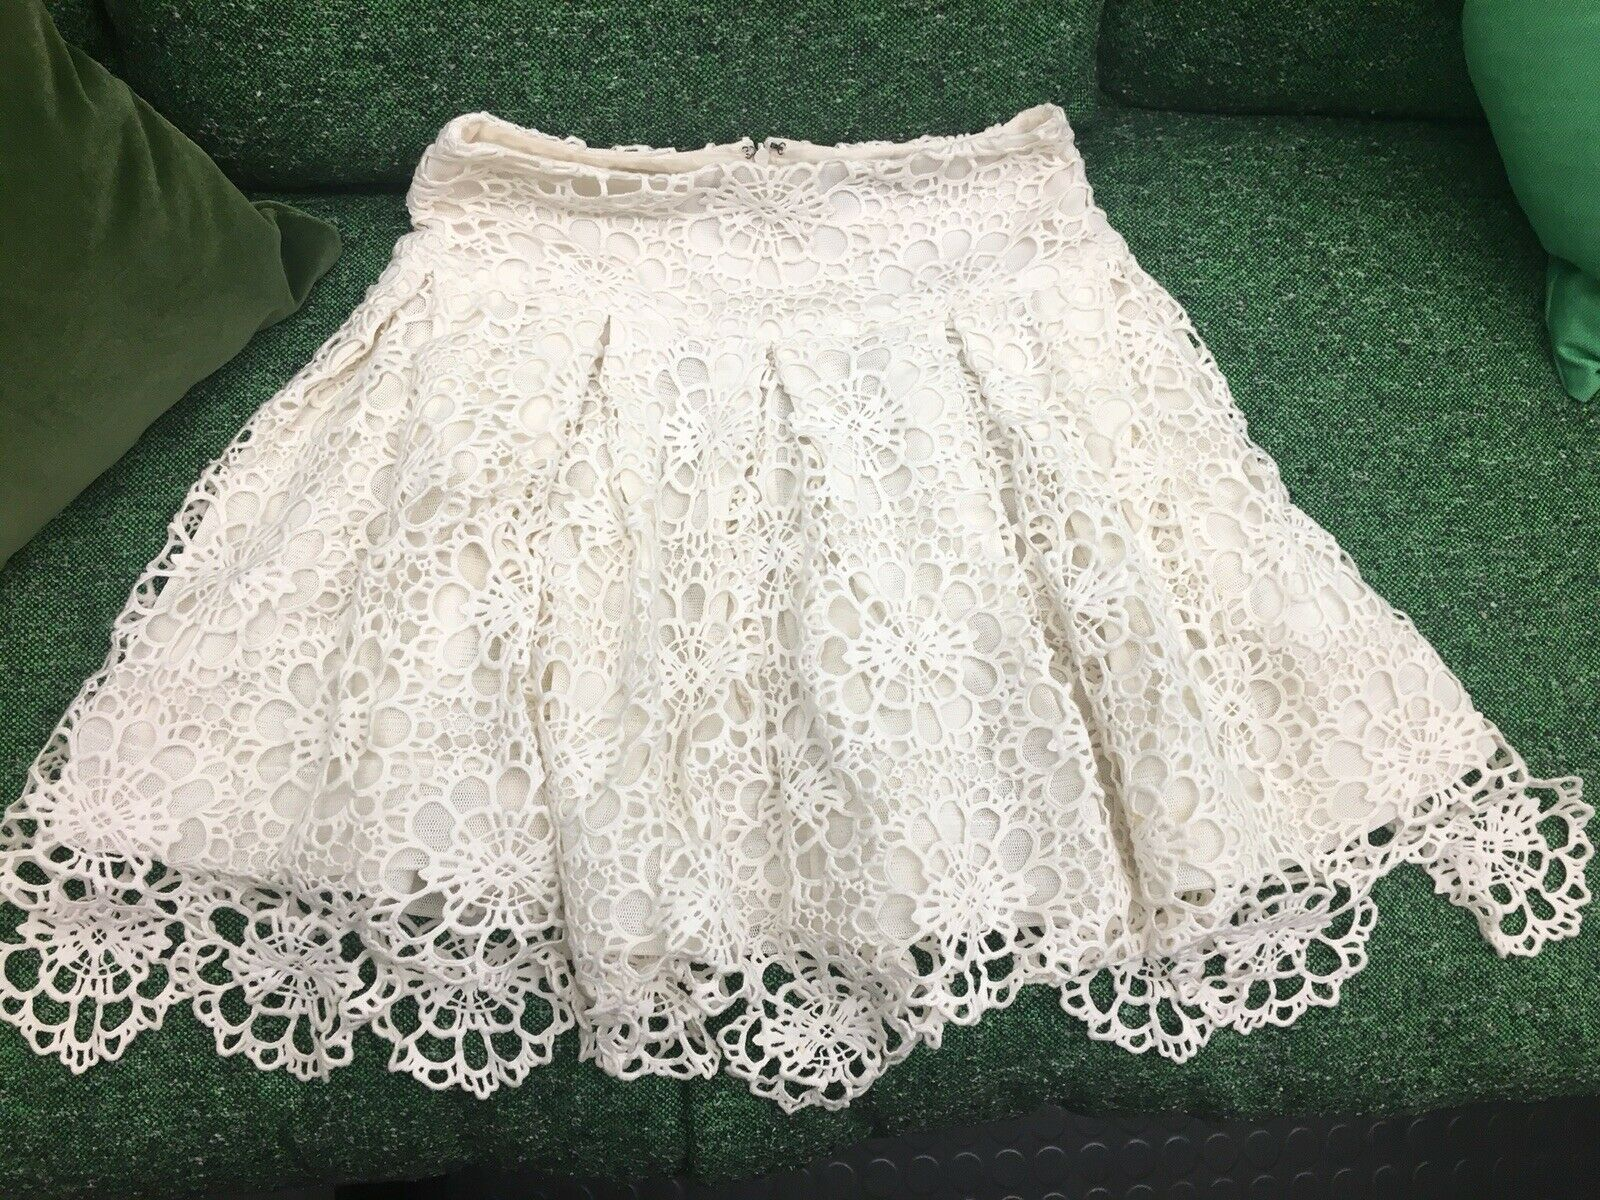 Ralph Lauren women's lace skirt size XS Cream